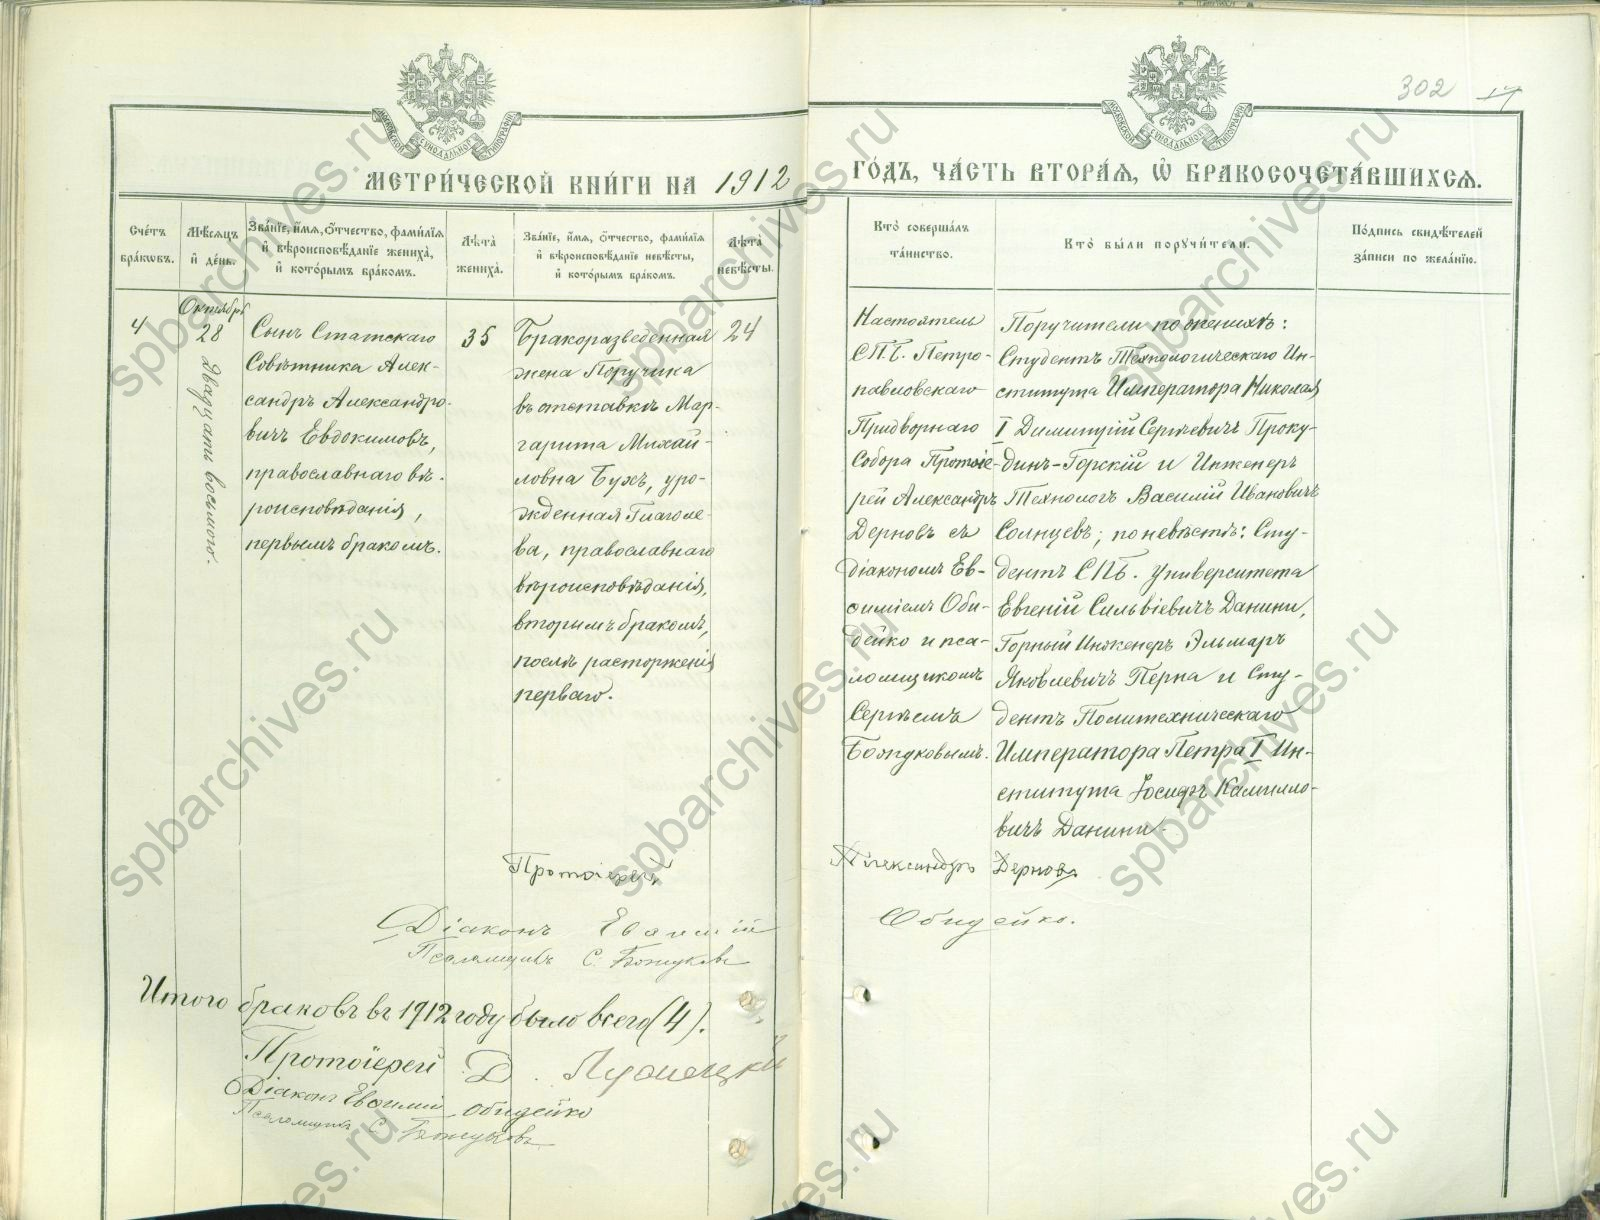 Запись о браке Евдокимова с Глаголевым